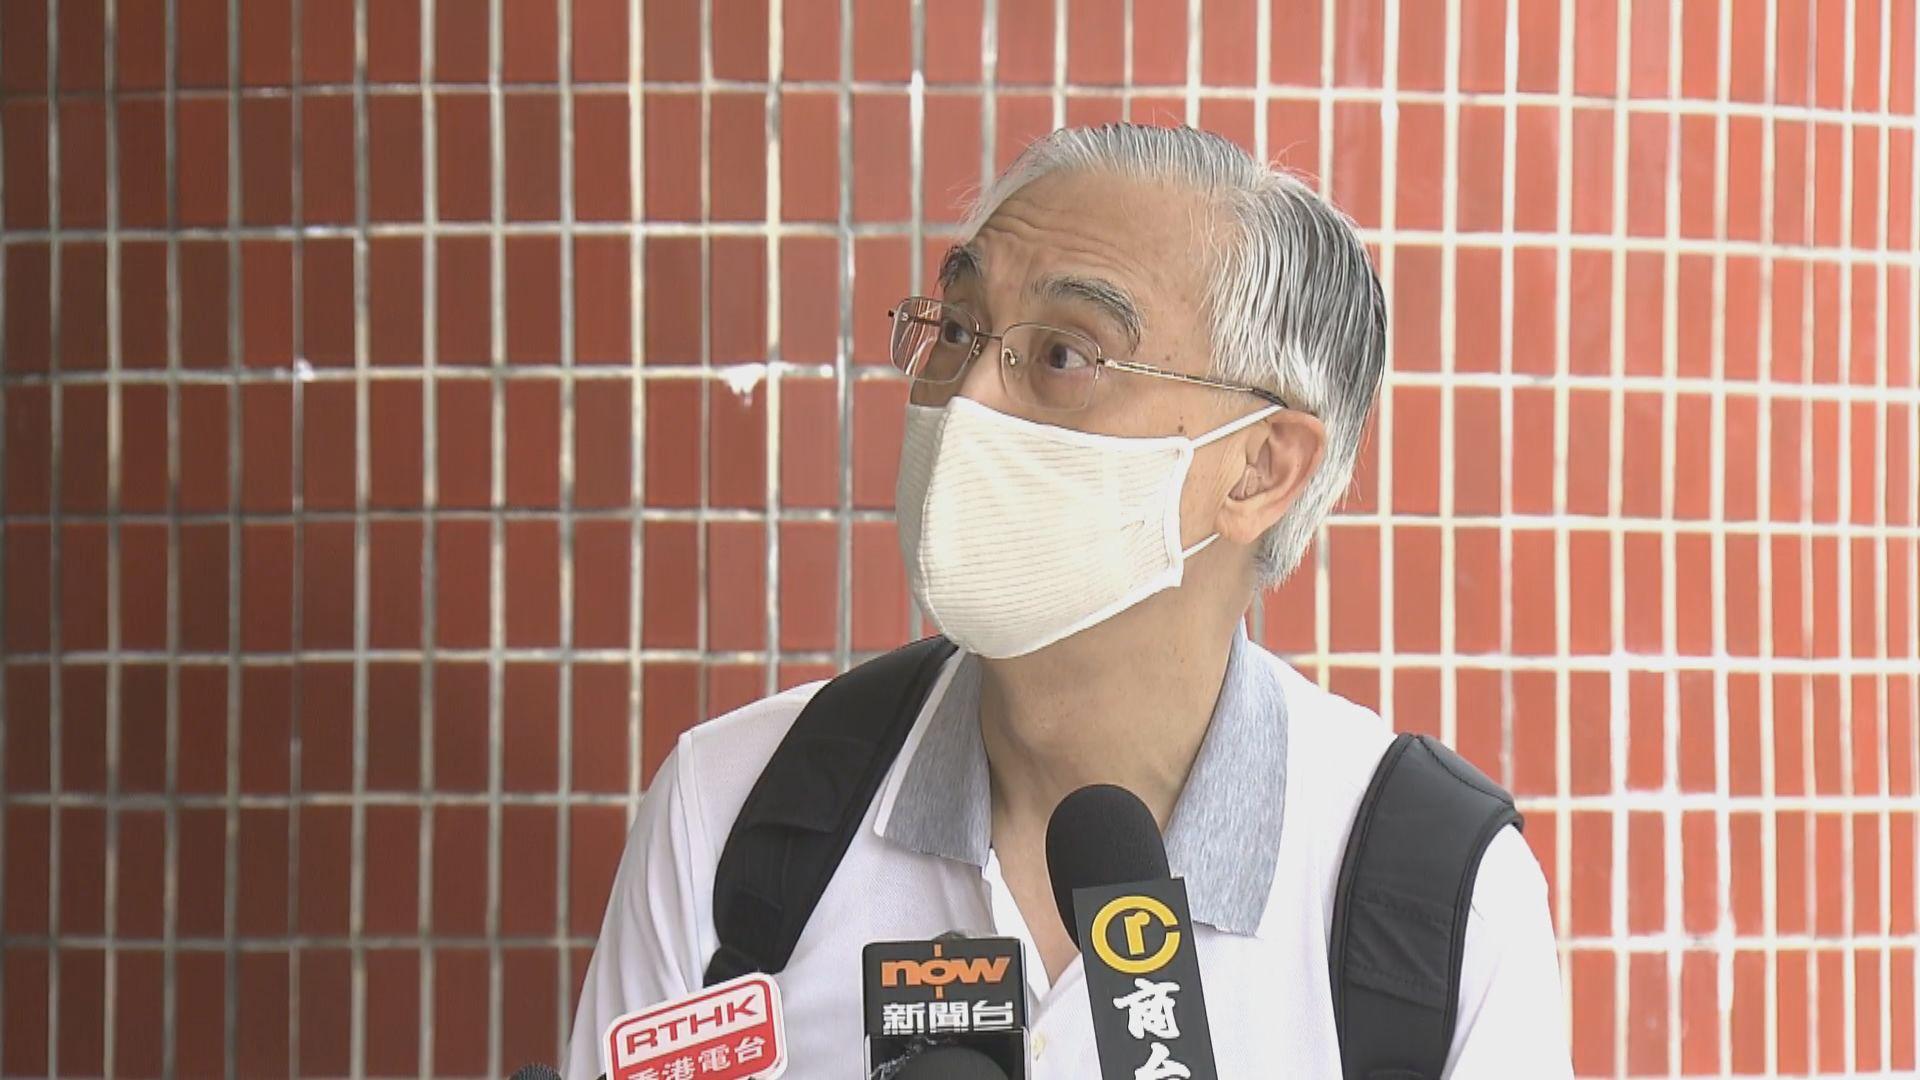 林大慶:政府應考慮容接種疫苗人士部分情況下不戴口罩